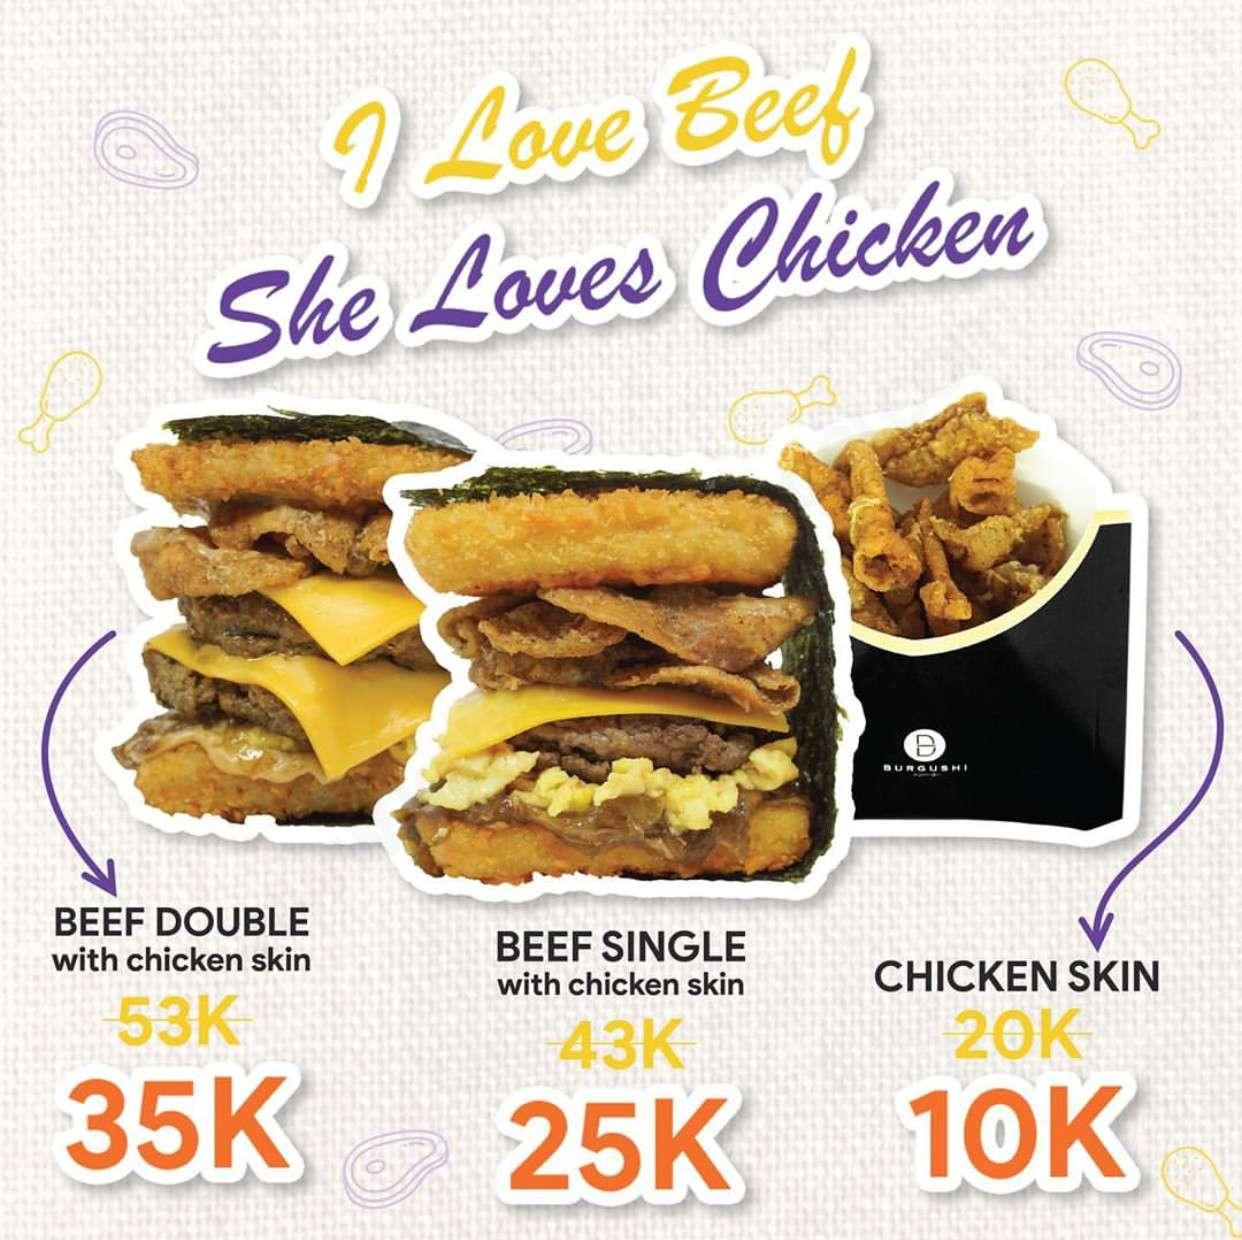 Burgushi Promo Beef Single X Chicken Skin mulai Rp. 10.000